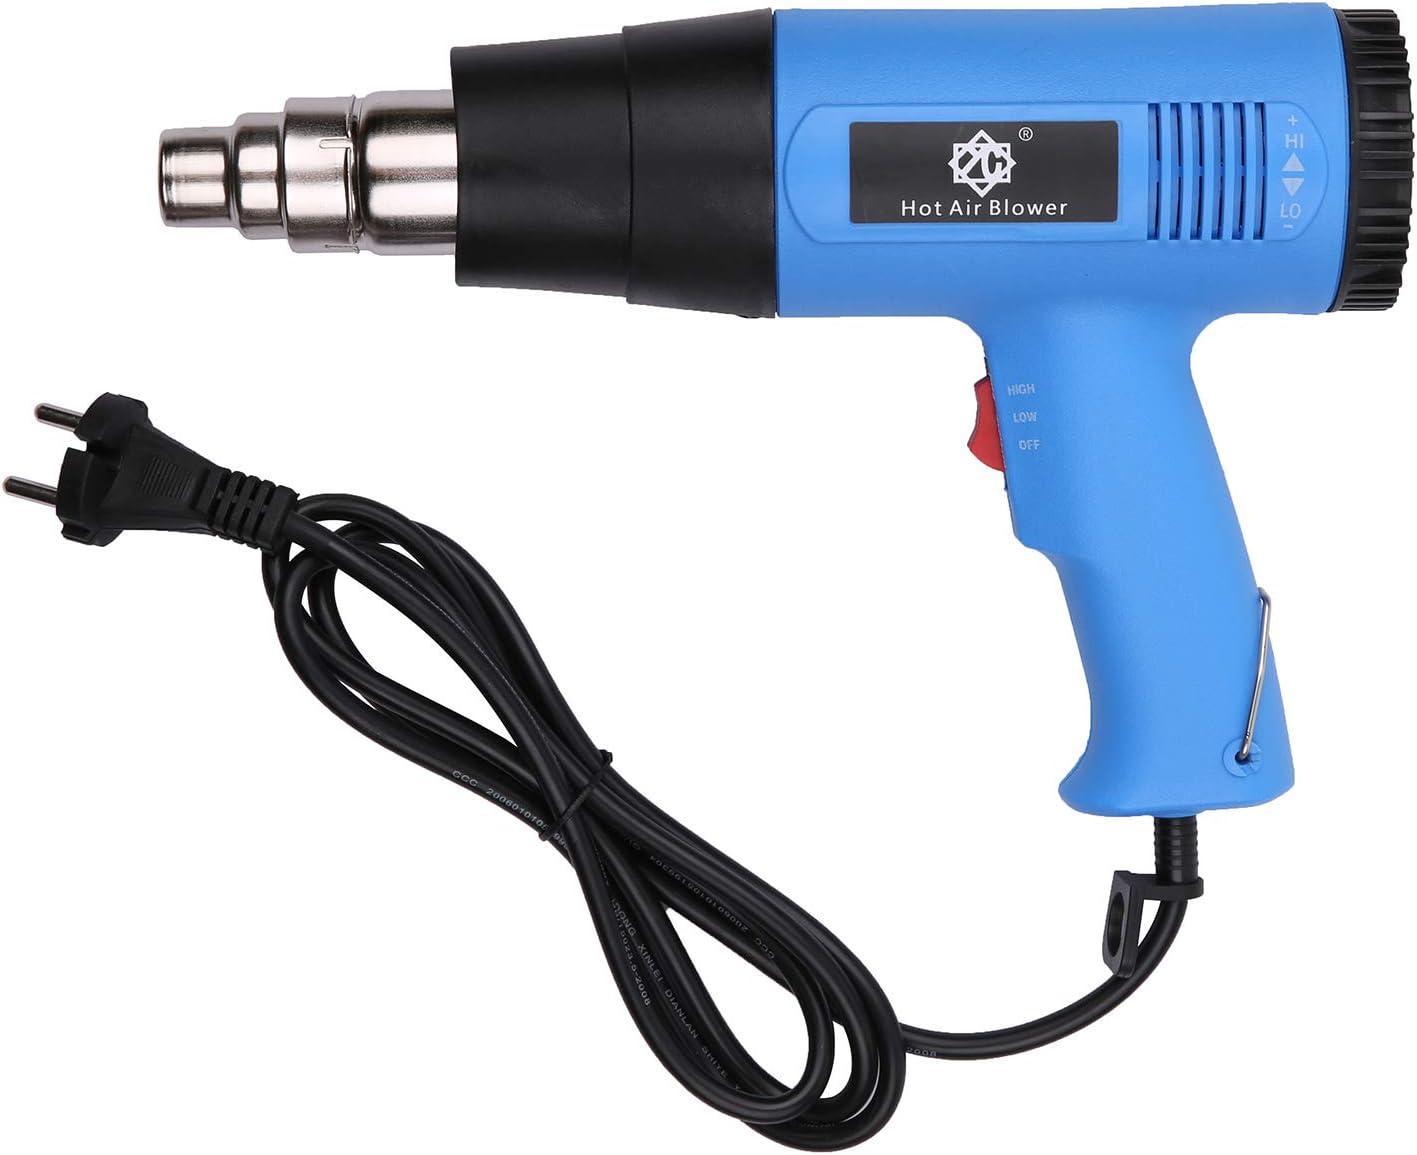 Pistola de calor de 2000 W Pistola de aire caliente eléctrica profesional Calentamiento rápido Temperaturas variables con 2 ajustes de temperatura Boquilla cónica 140 ℉ ~ 1112 ℉ para soldar Pin